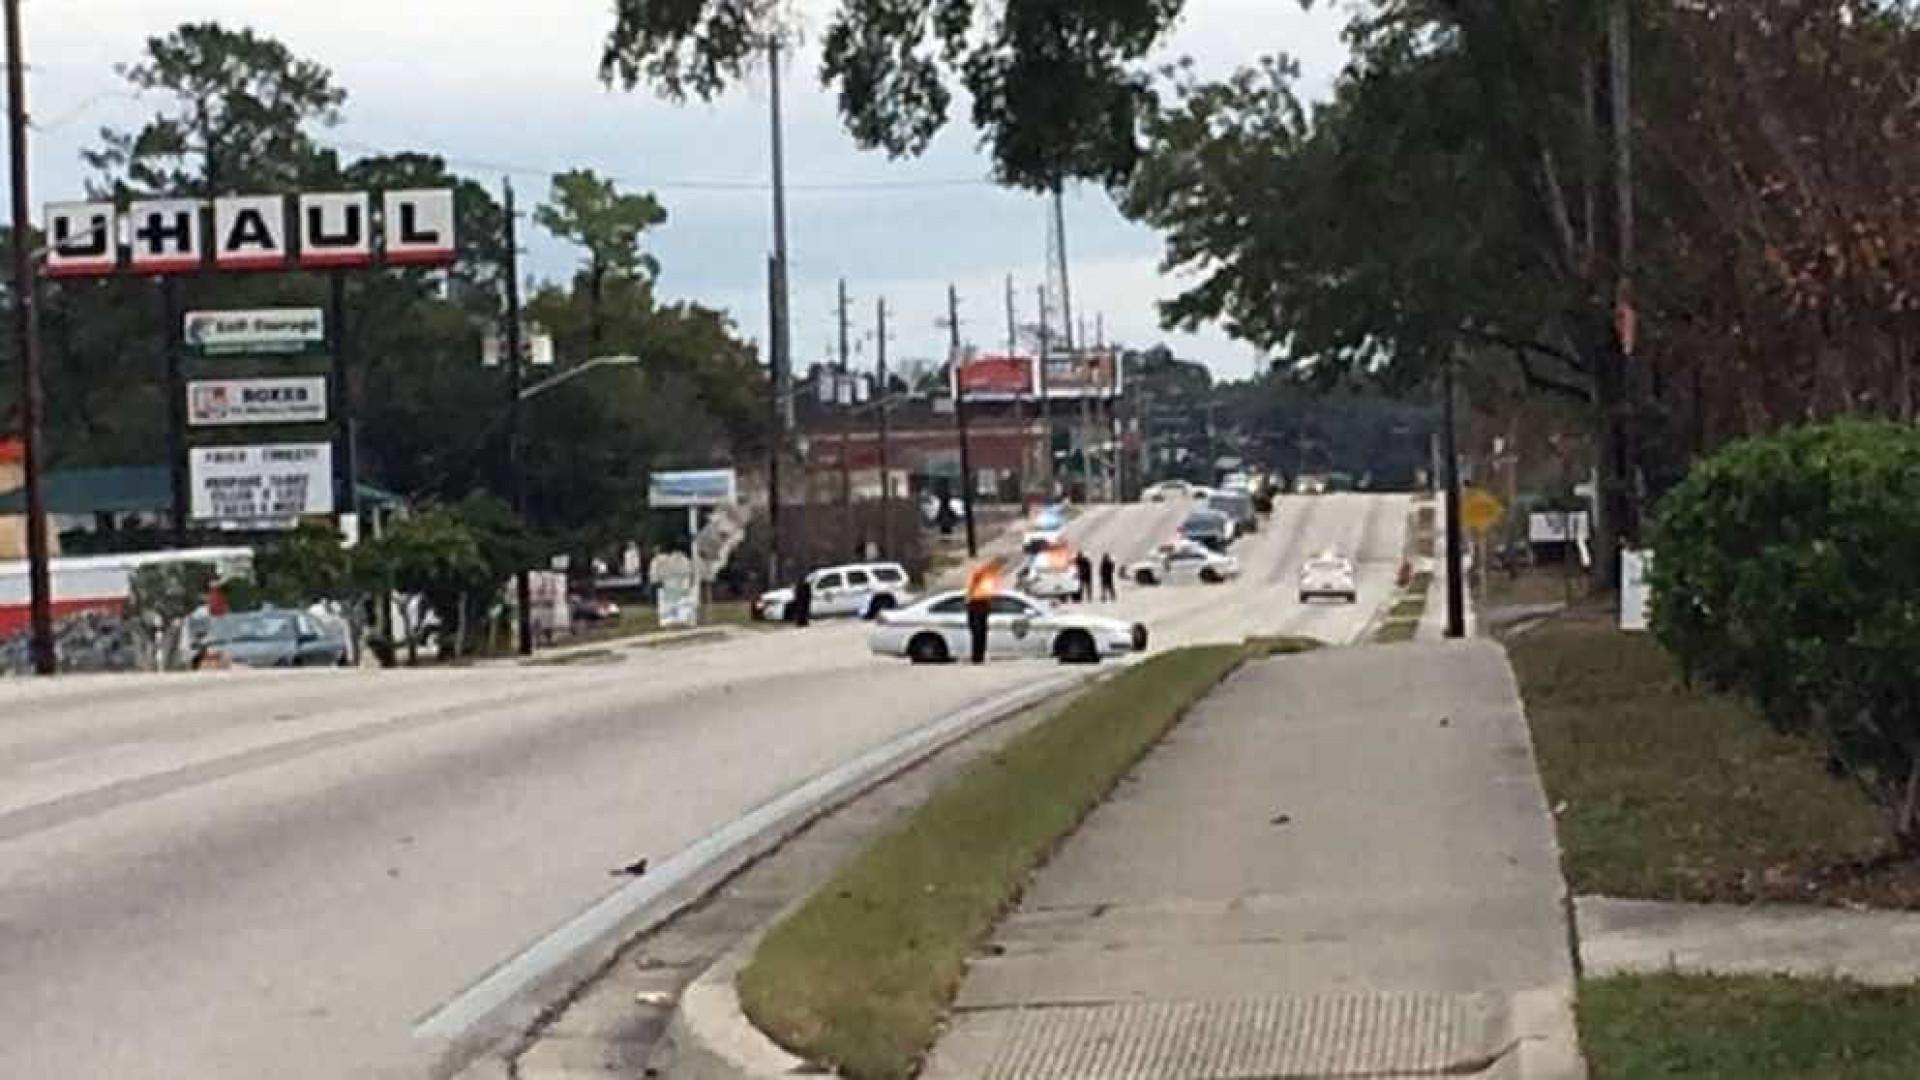 Assaltante que fez reféns em banco na Flórida se entrega às autoridades